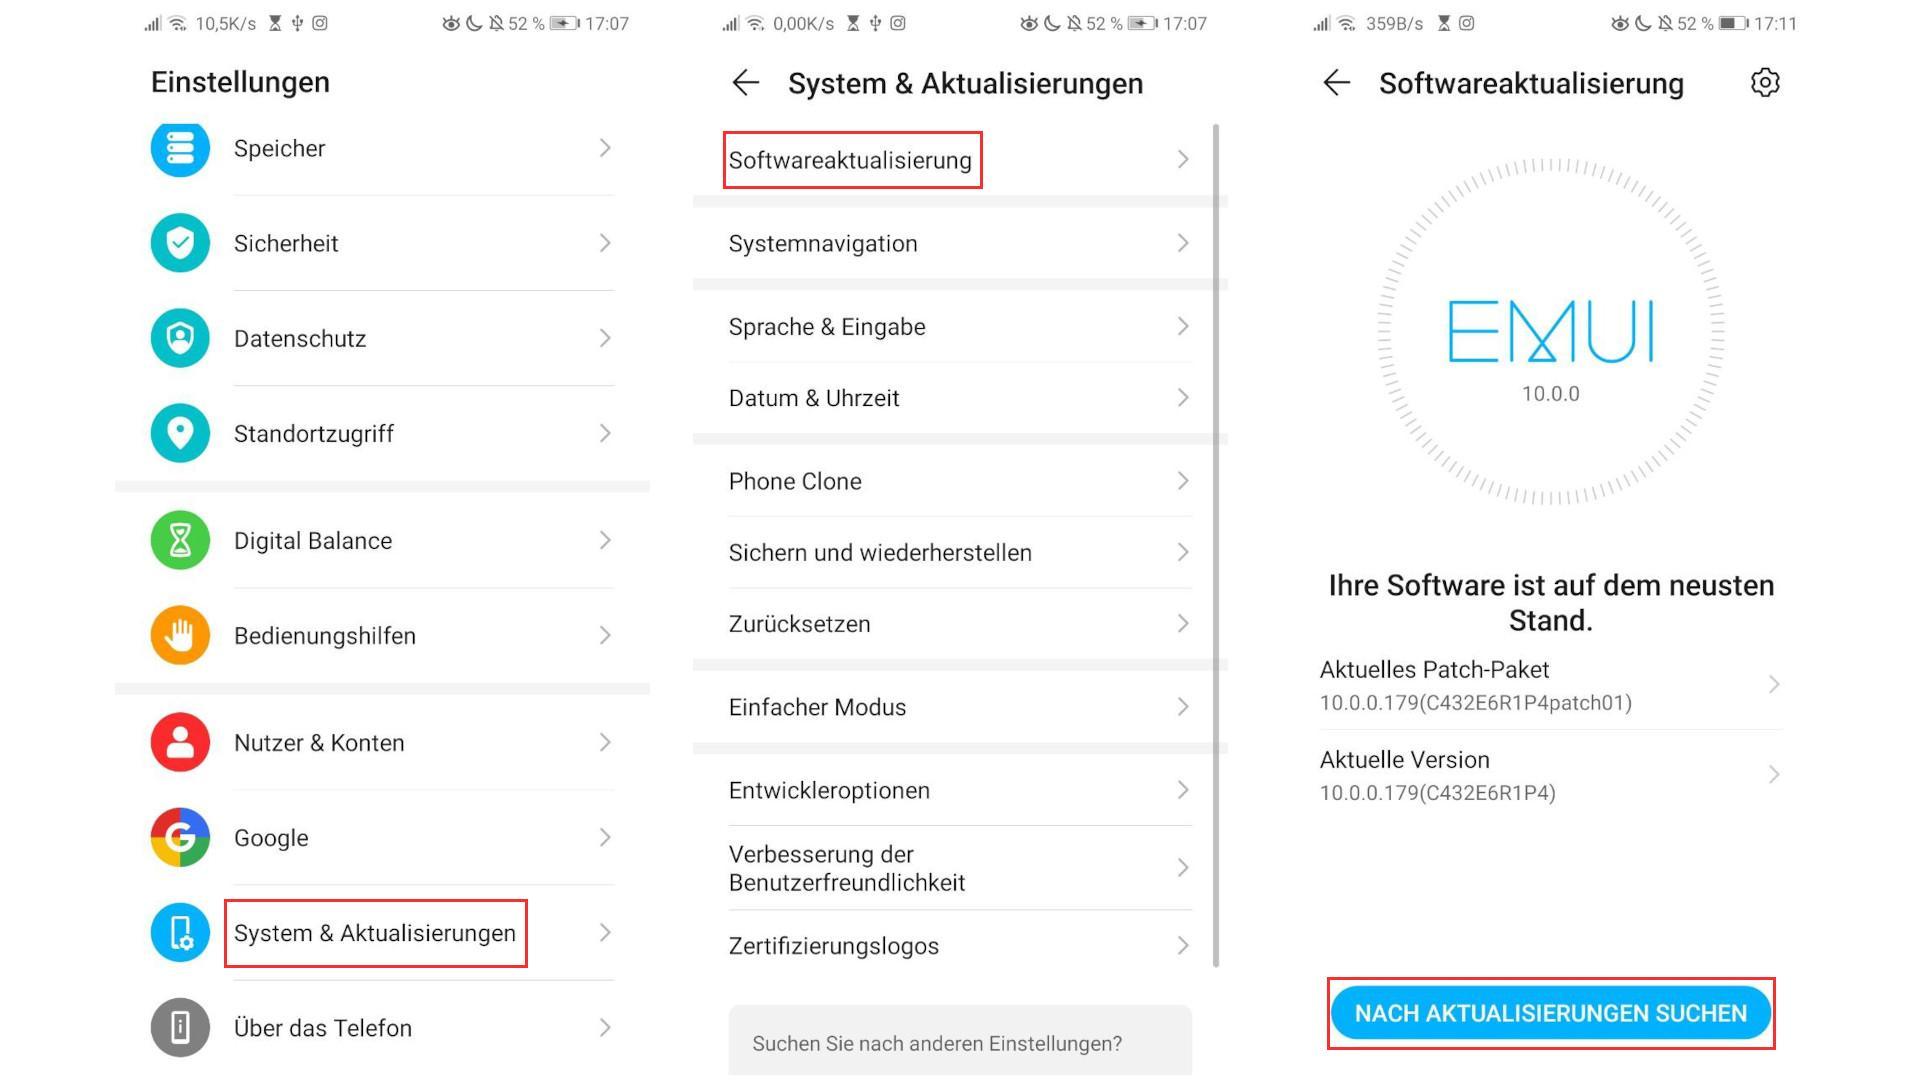 Wenn Sie bei Android ein Software-Update machen wollen, geht dies in den Einstellungen unter dem Punkt